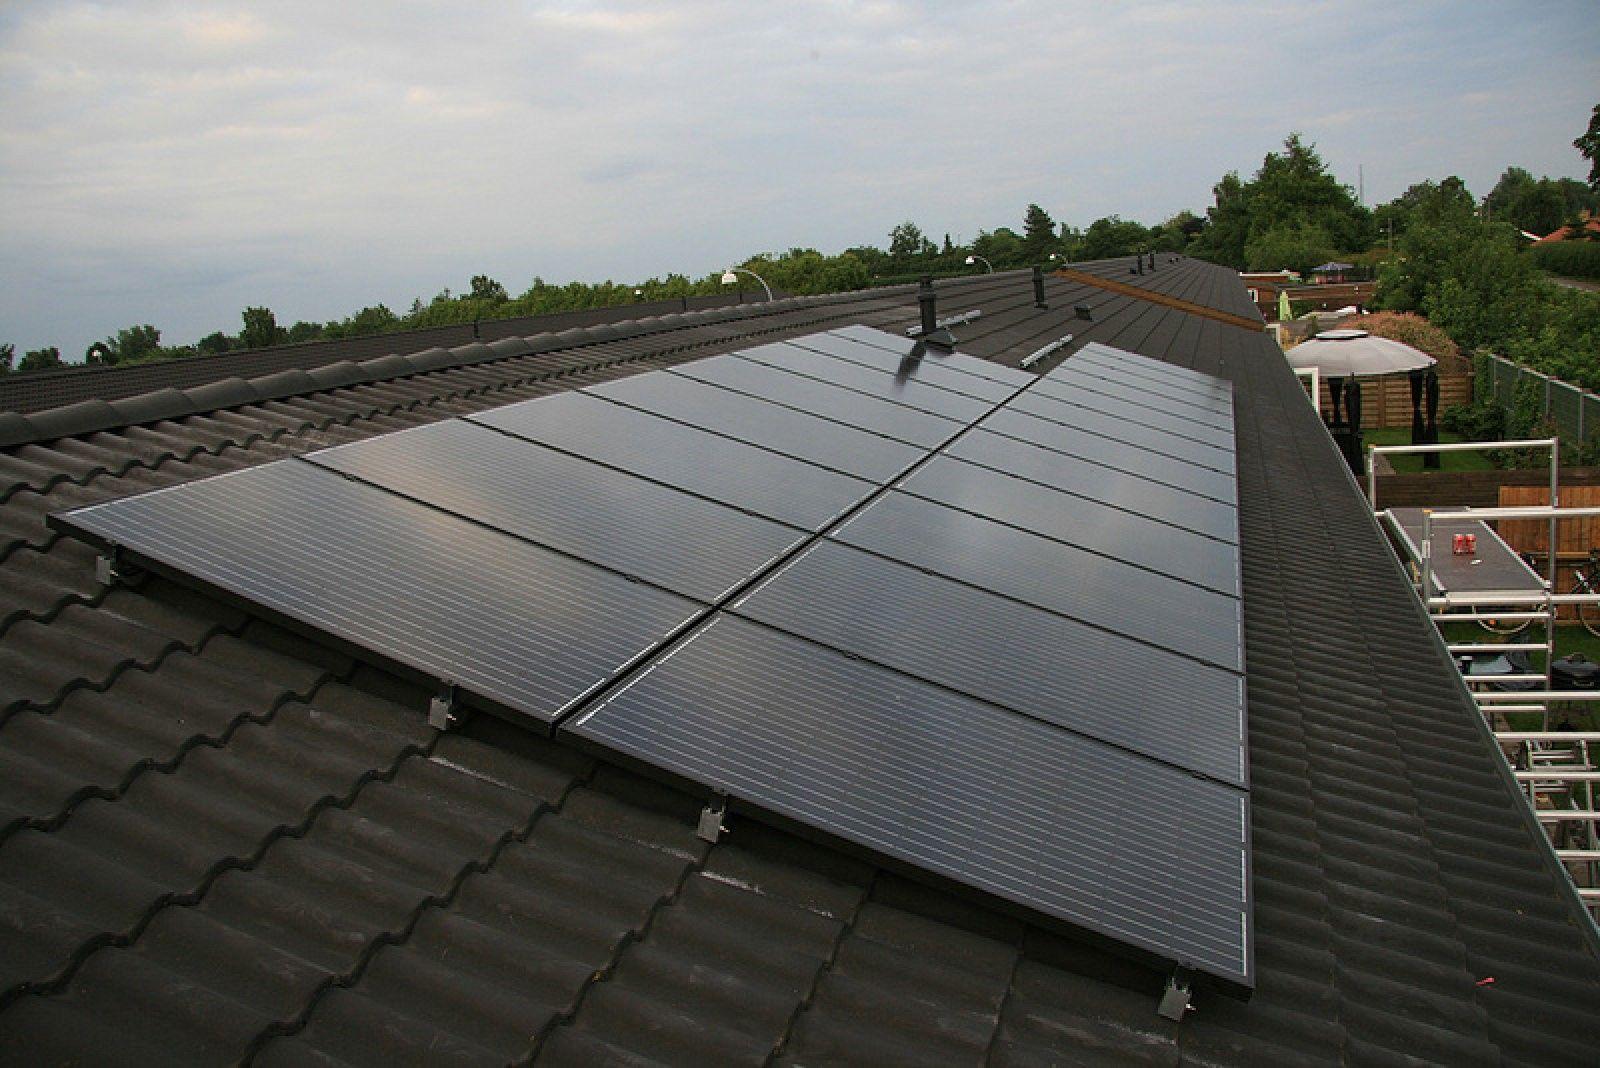 Energia Solar Fotovoltaica Aprovechando Los Recursos Naturales Nel 2020